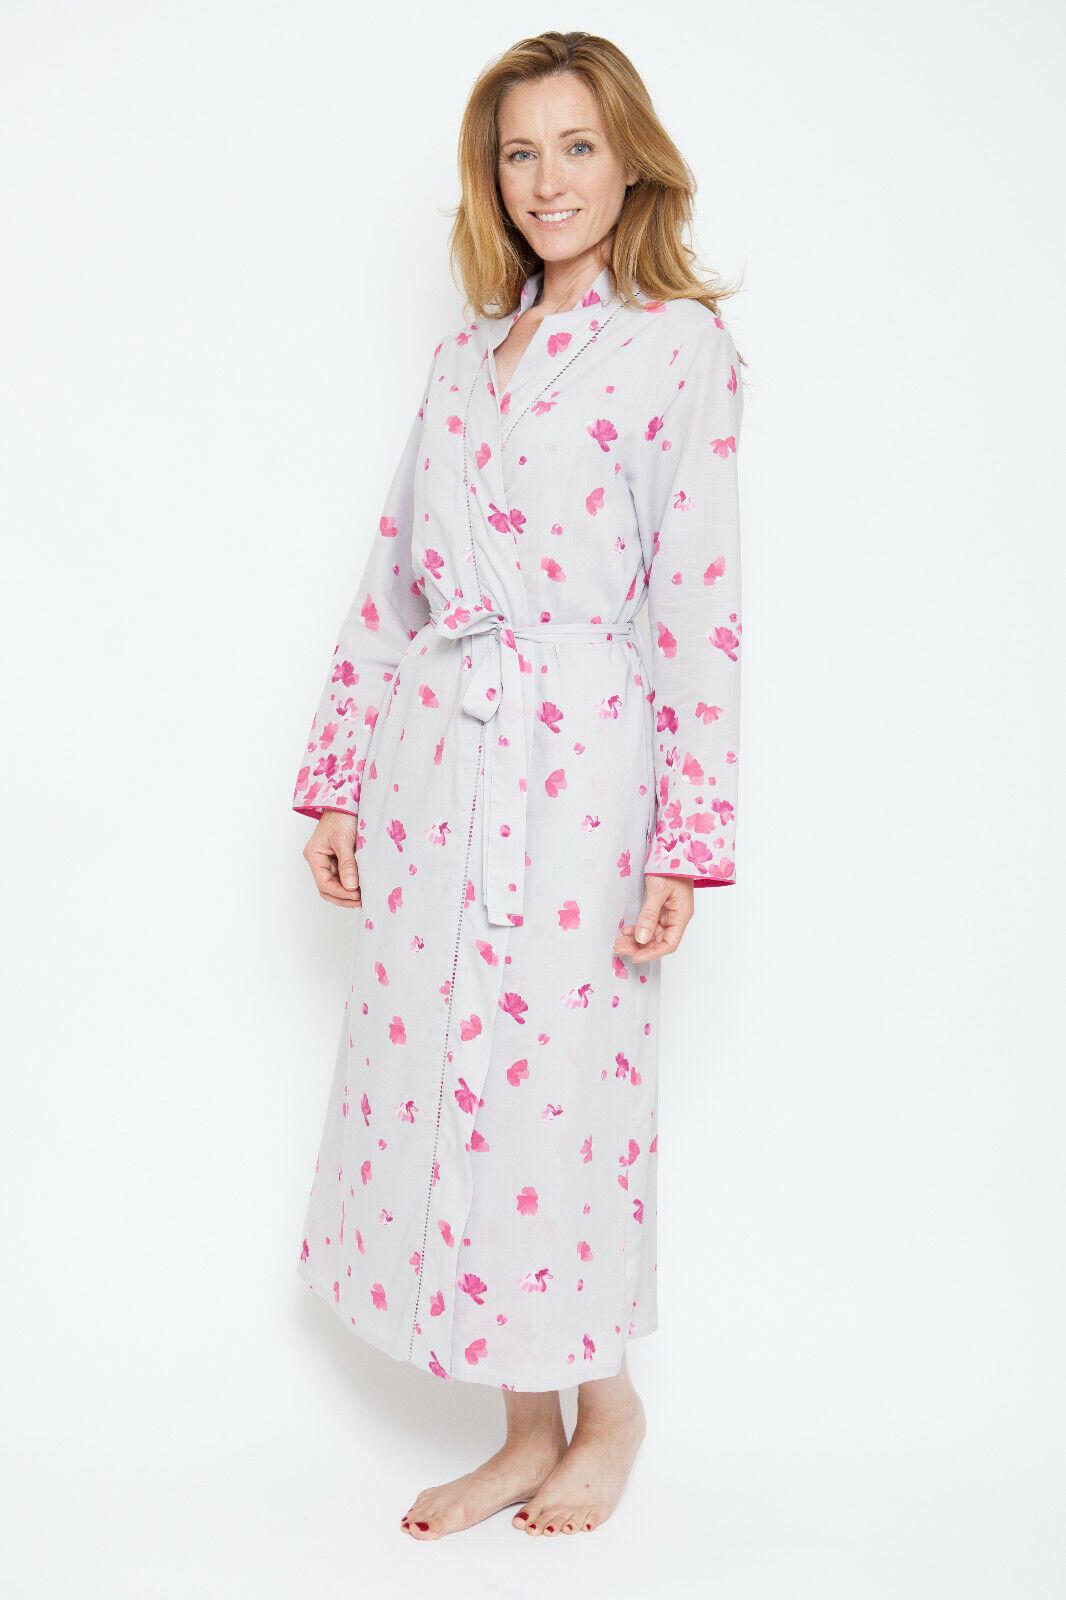 'Ivy' Vintage Petal Long Robe Dressing Gown - Nora pink by Cyberjammies (1302)